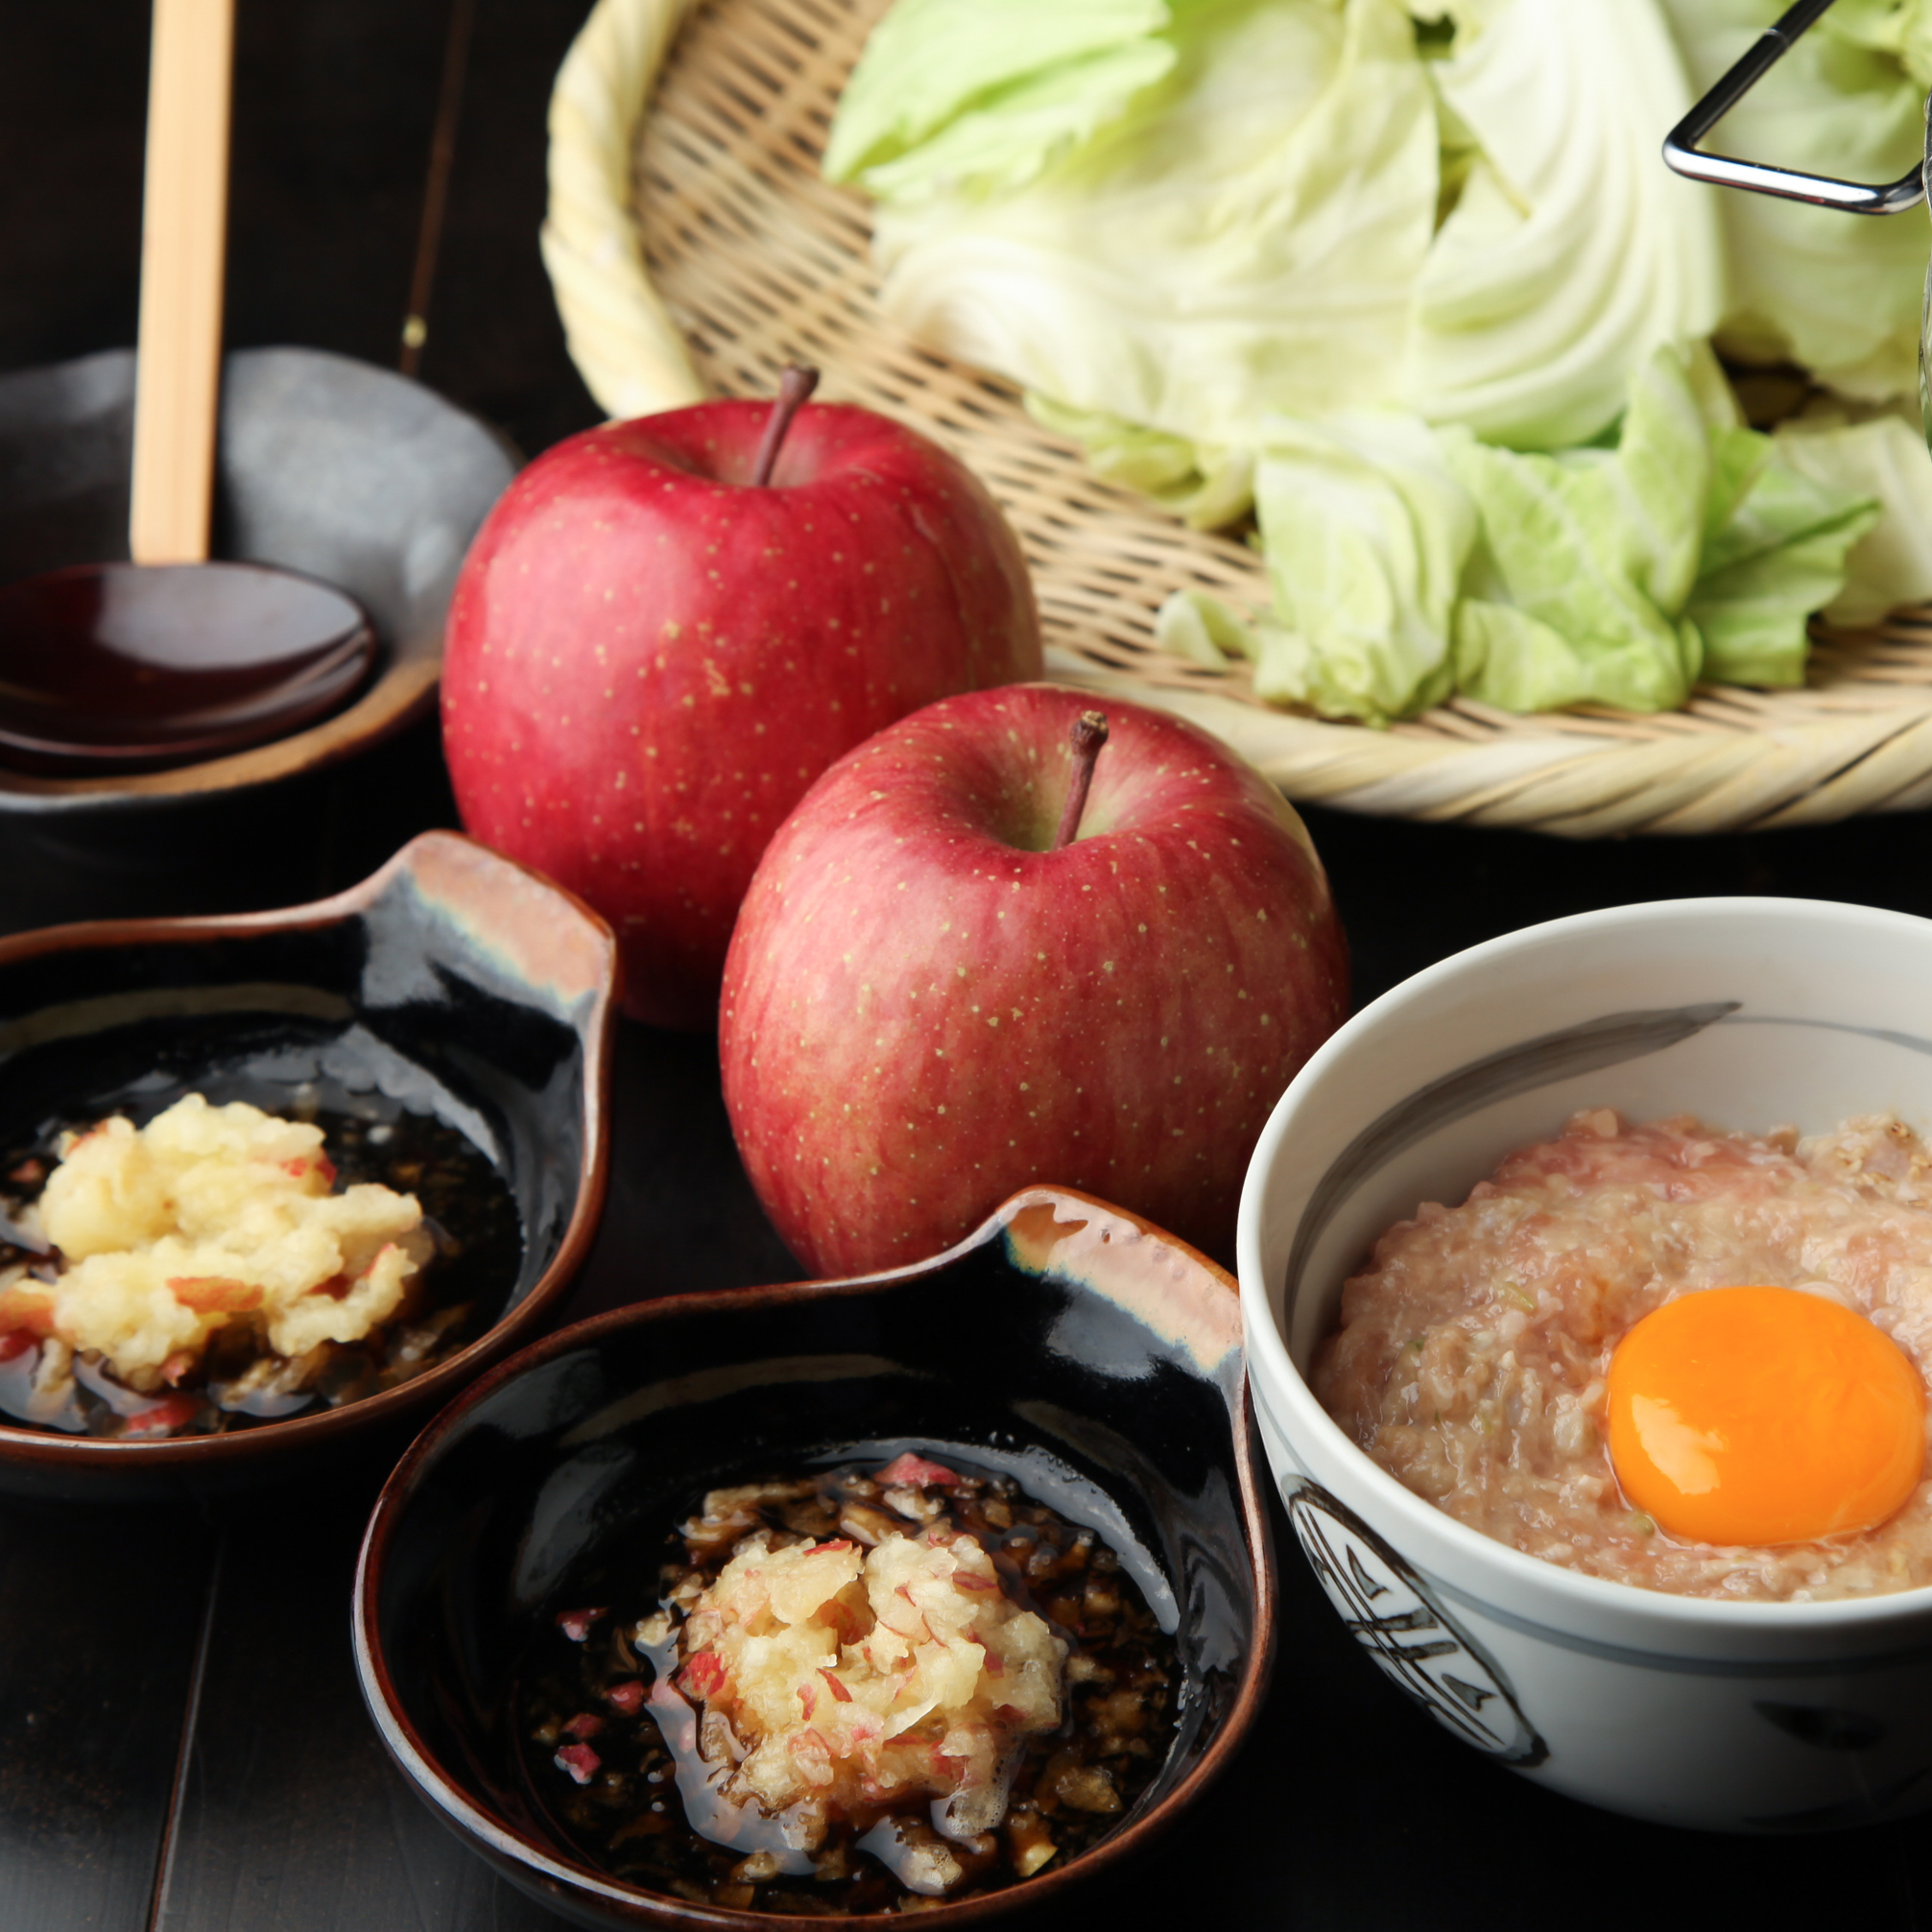 自家製擦り卸しりんごポン酢で食べるだんご鍋